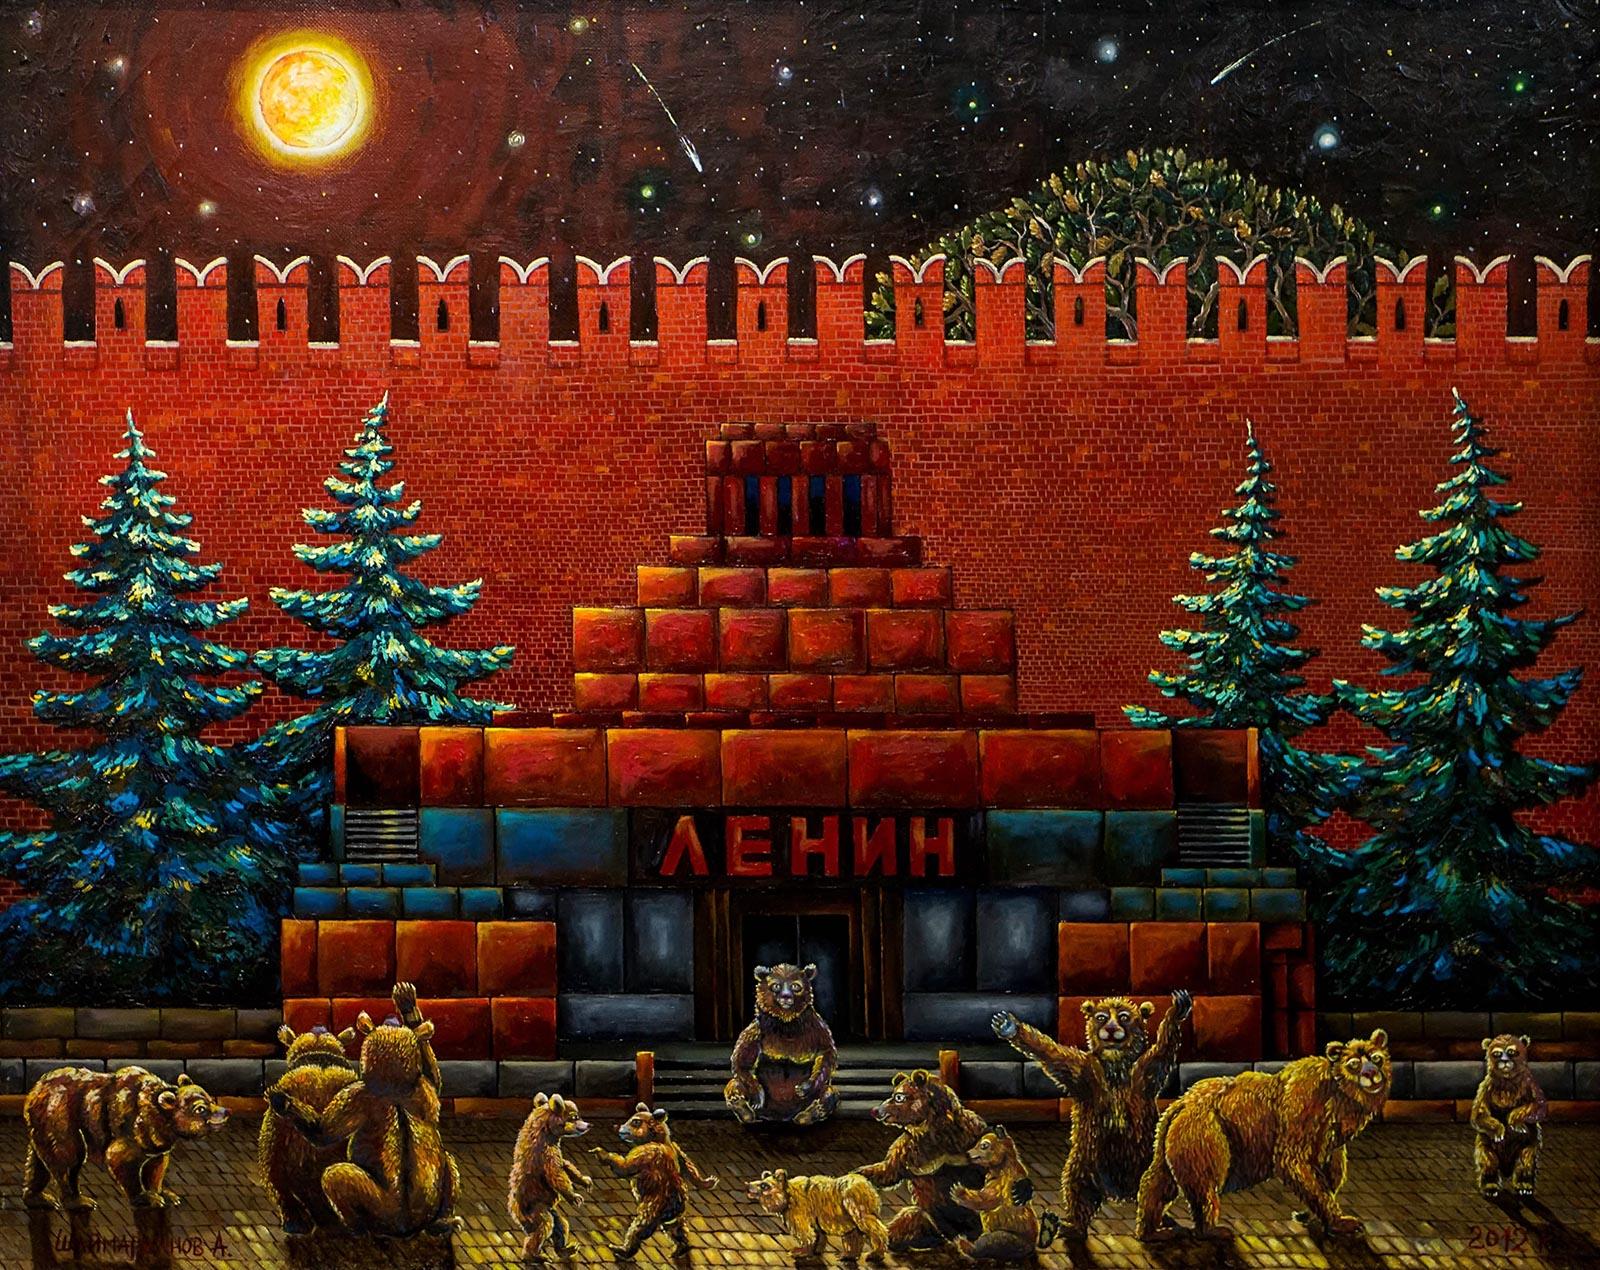 Фото №140823. Ночь. Москва. Мавзолей. 2012. Альфрид Шаймарданов